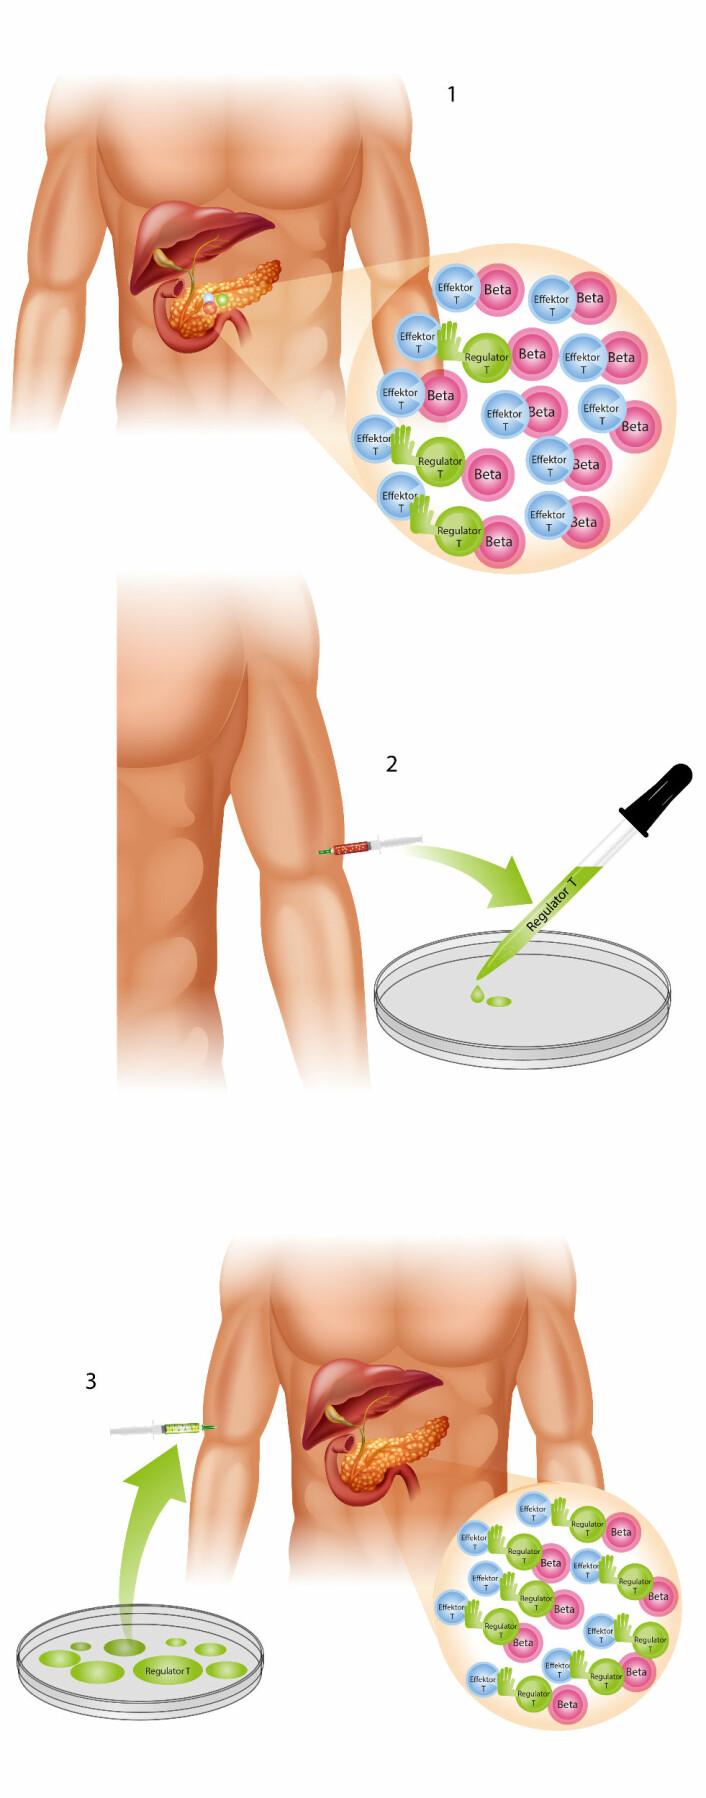 Illustrasjon 1 viser at regulatorcellene ikke er effektive nok. På illustrasjon 3 er de blitt dyrket opp og kan nå stanse T-cellene.  (Foto: (Illustrasjon: Mette Friis Mikkelsen) )